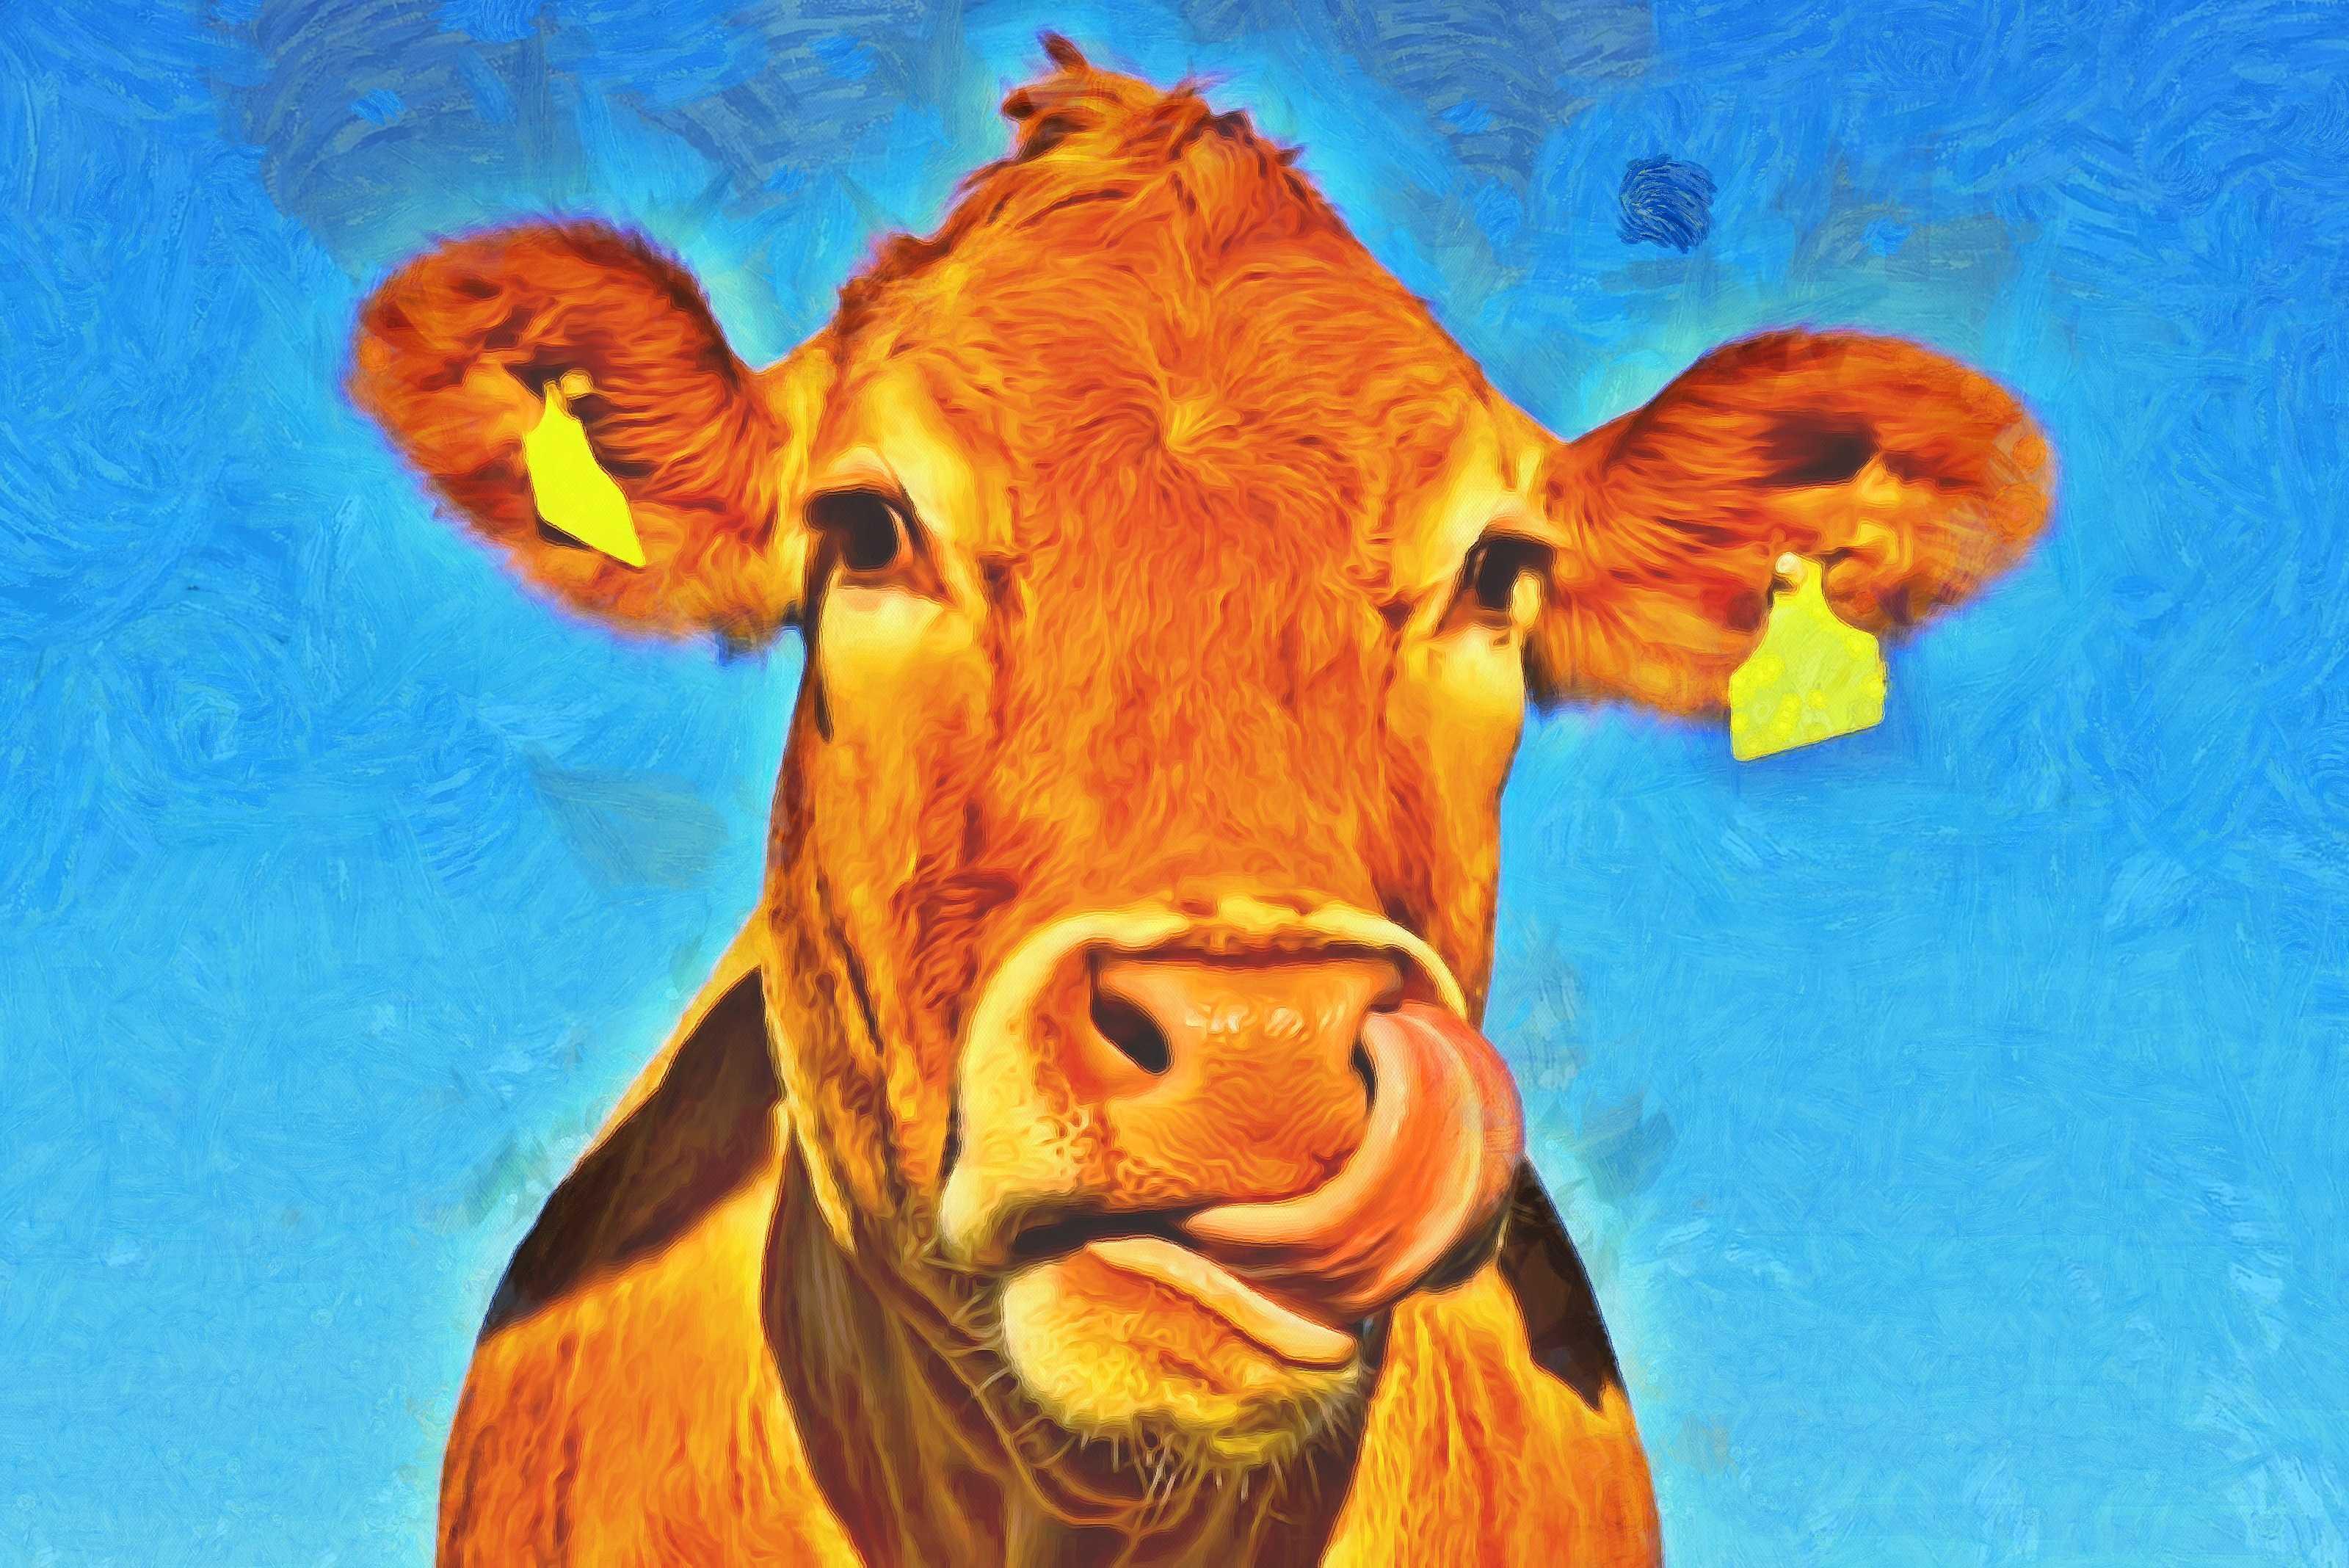 skim milk nutrition facts